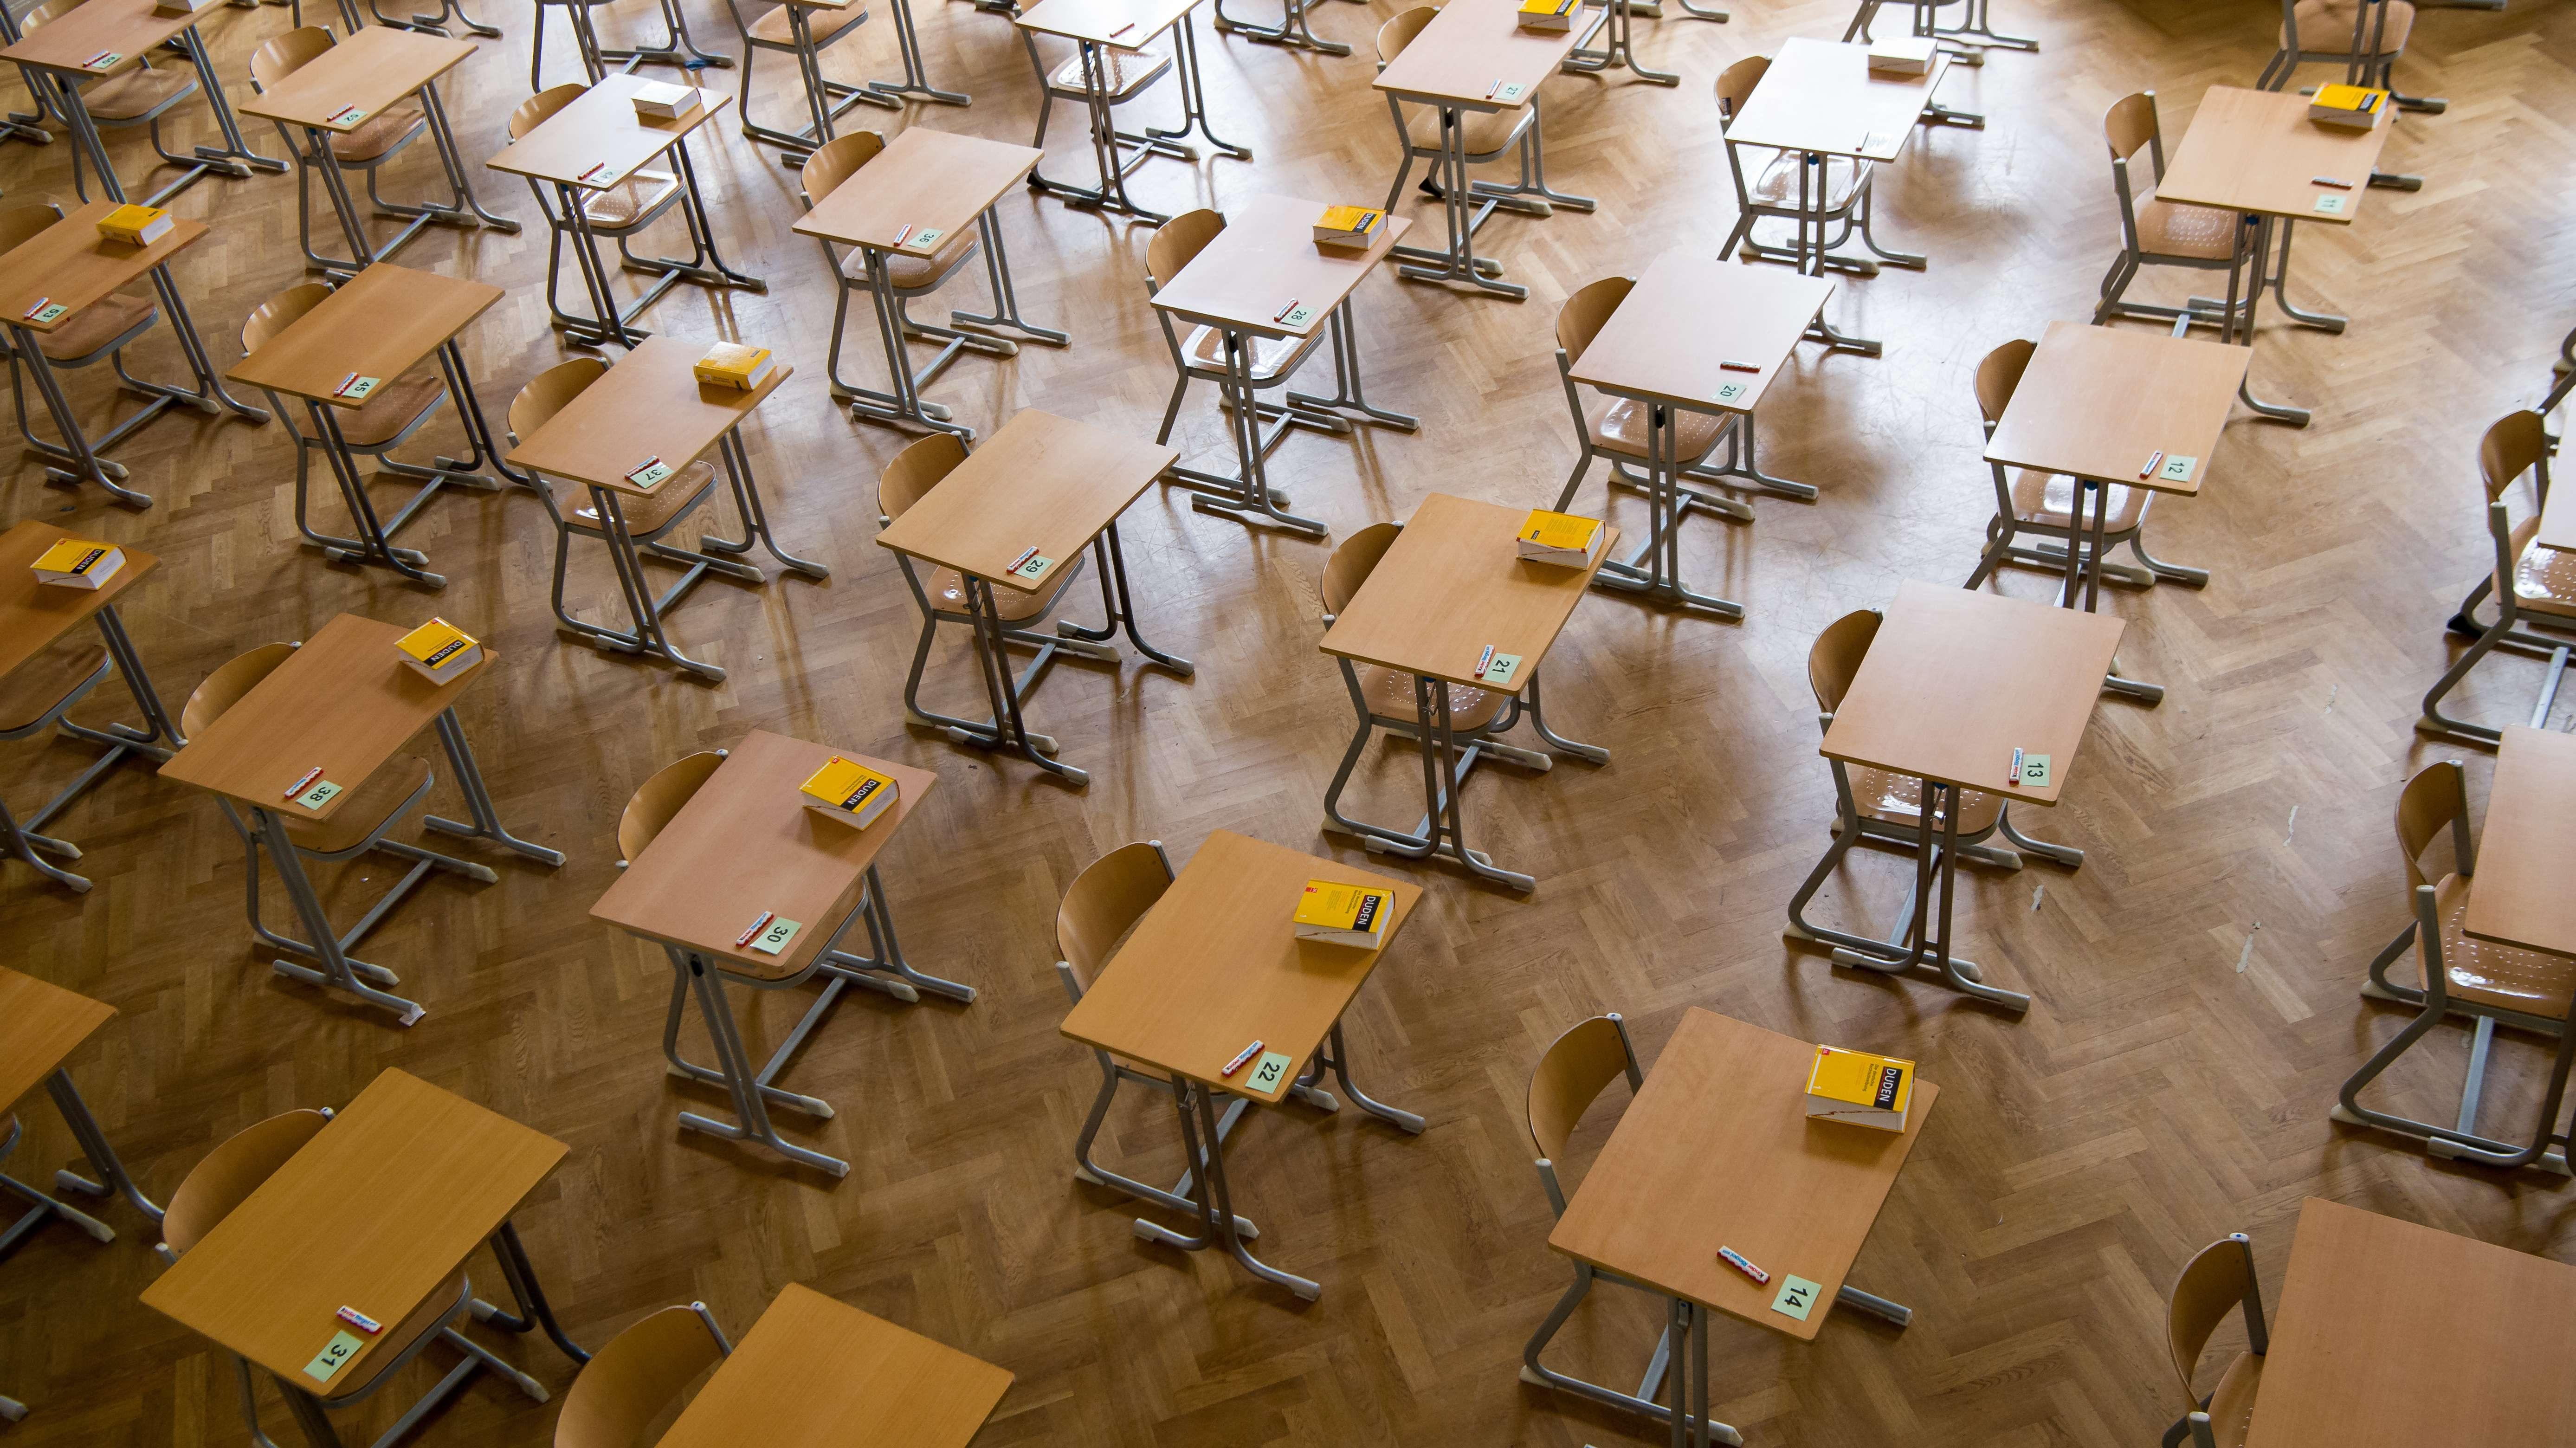 Durchnummerierte Tische stehen in Reihe und Glied: In der Schule werden Abiturprüfungen abgehalten